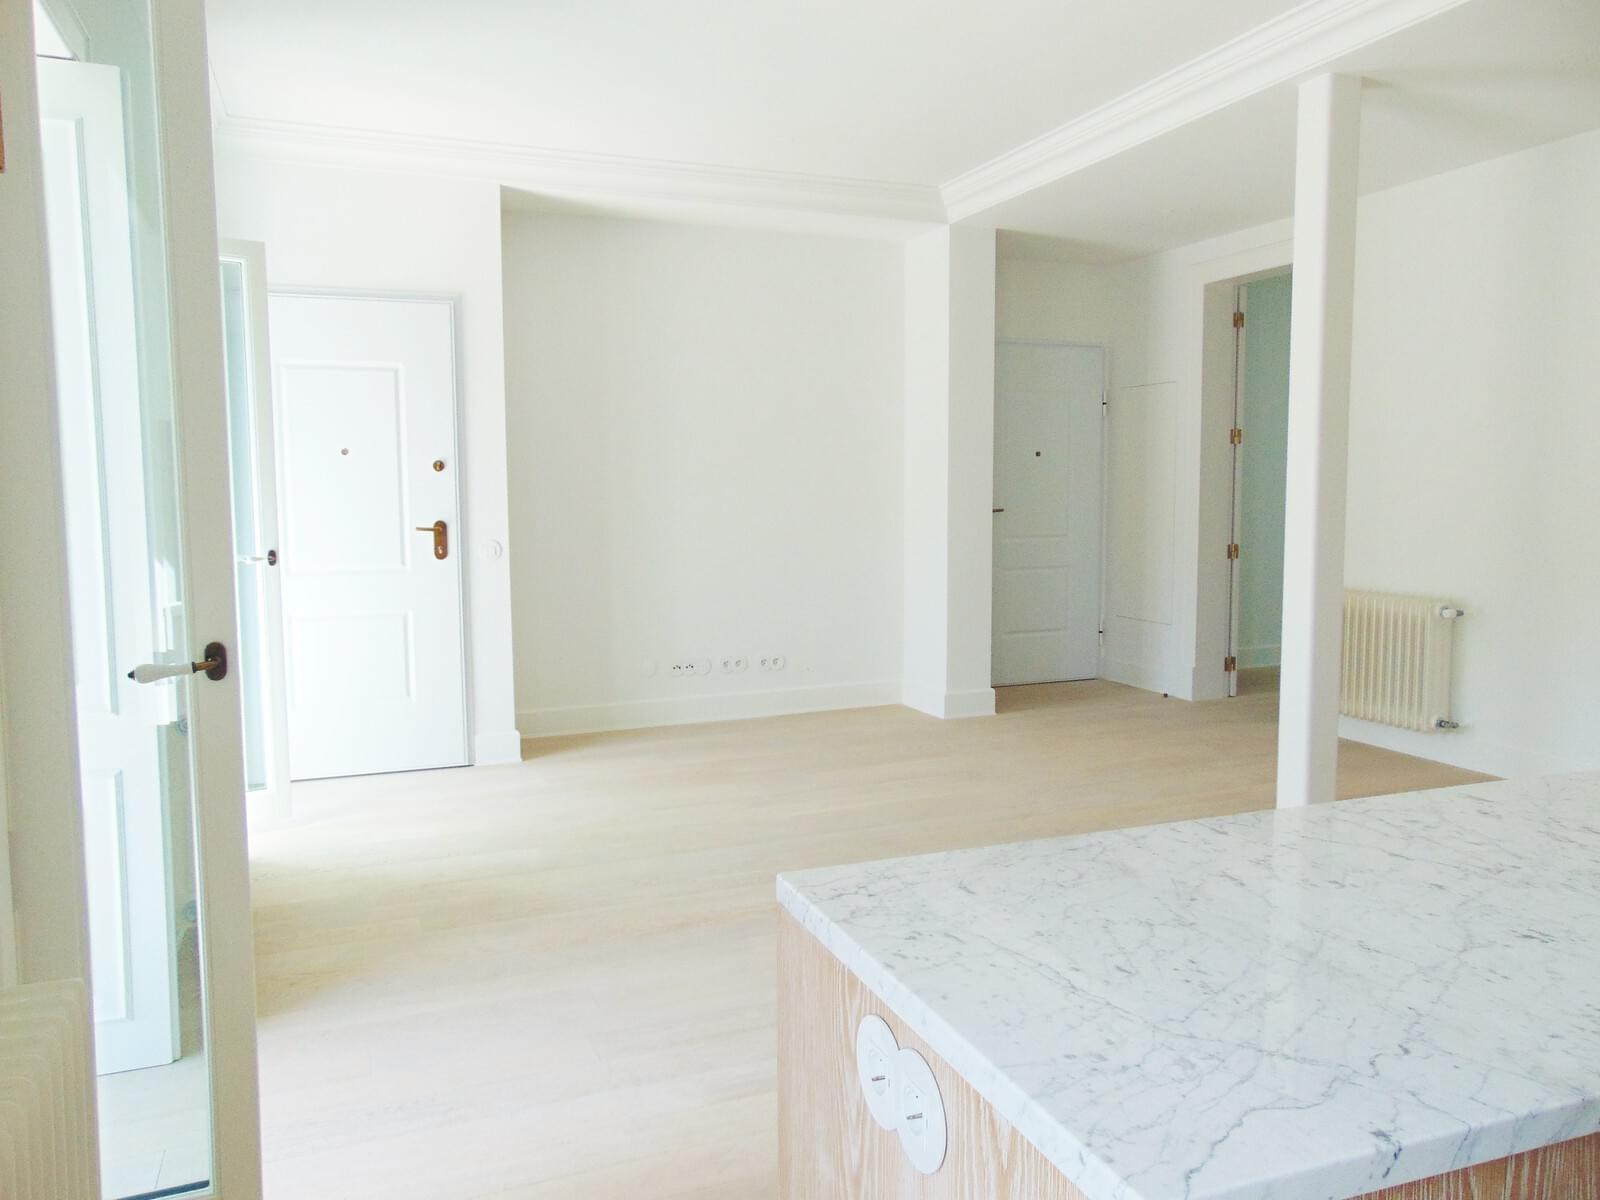 pf18152-apartamento-t2-lisboa-c47979be-4fe8-4bac-b2b6-03167dc565f9